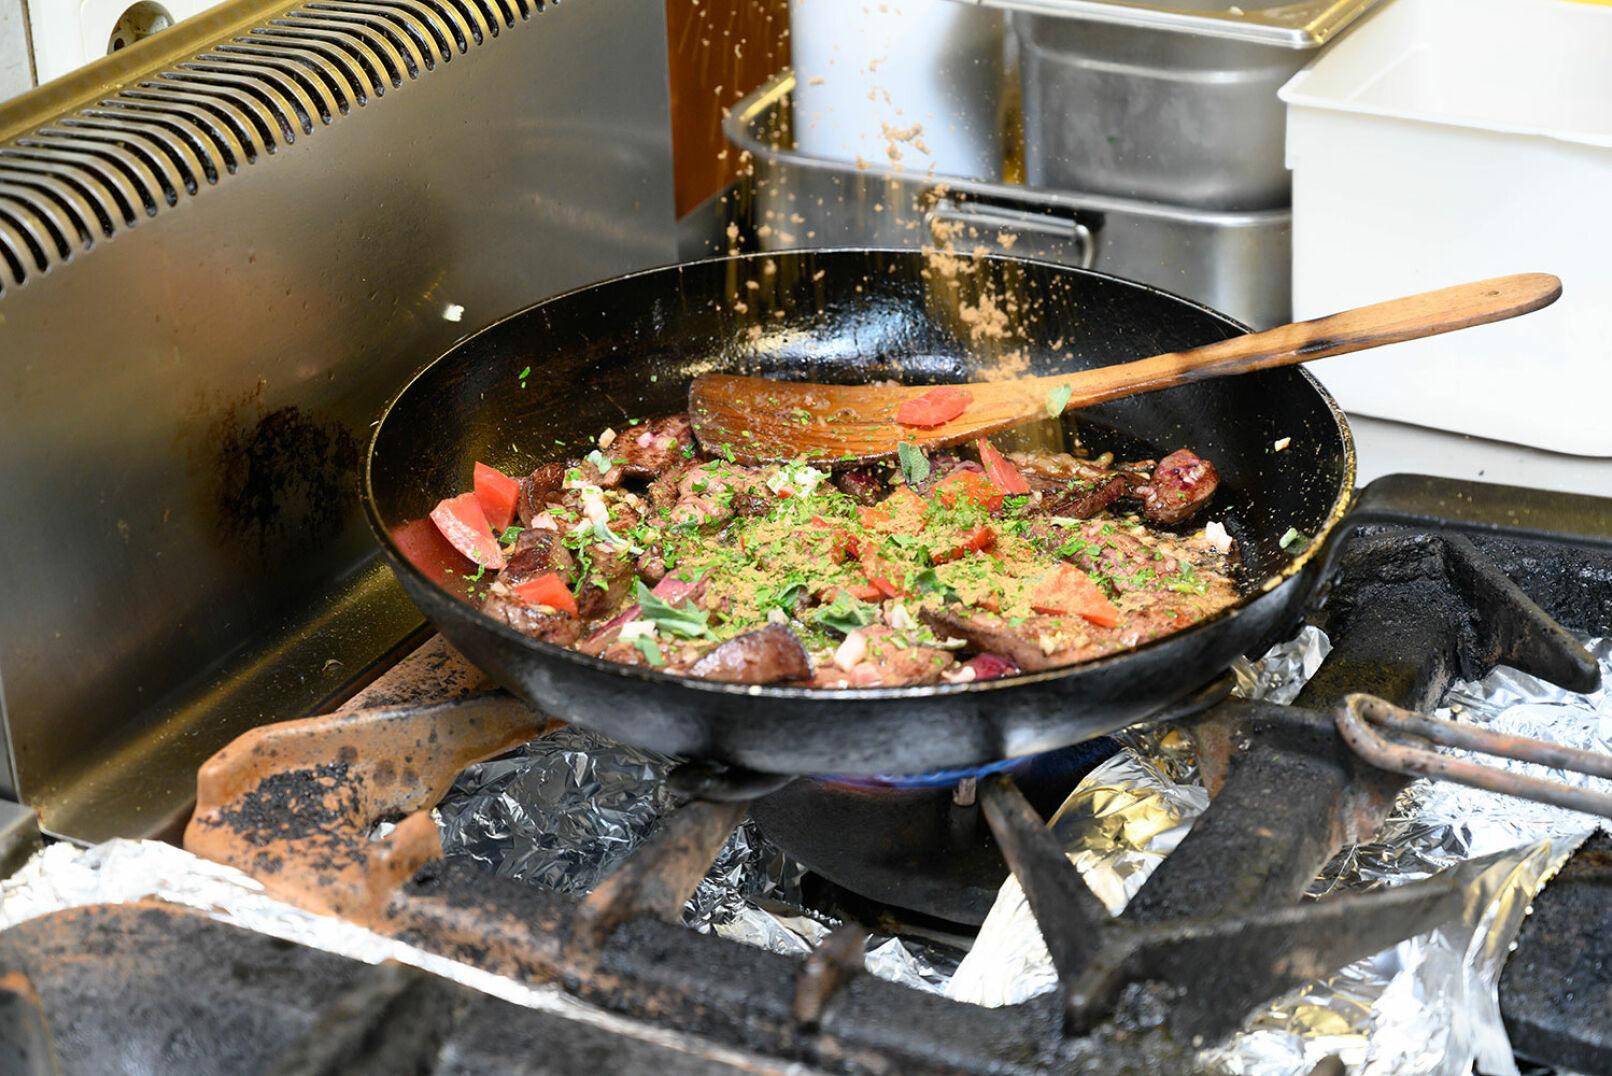 Tomatenmark und kleingeschnittene Tomaten dazugeben, Kräuter und Gewürze ergänzen. - © Barbara Marko